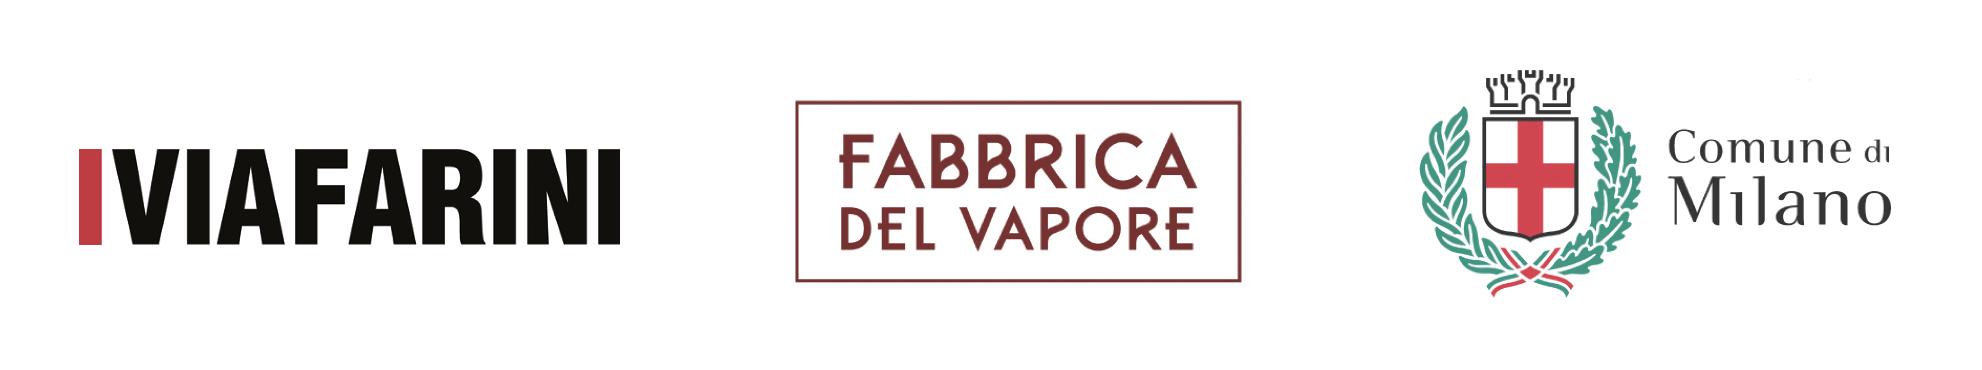 via farini logo